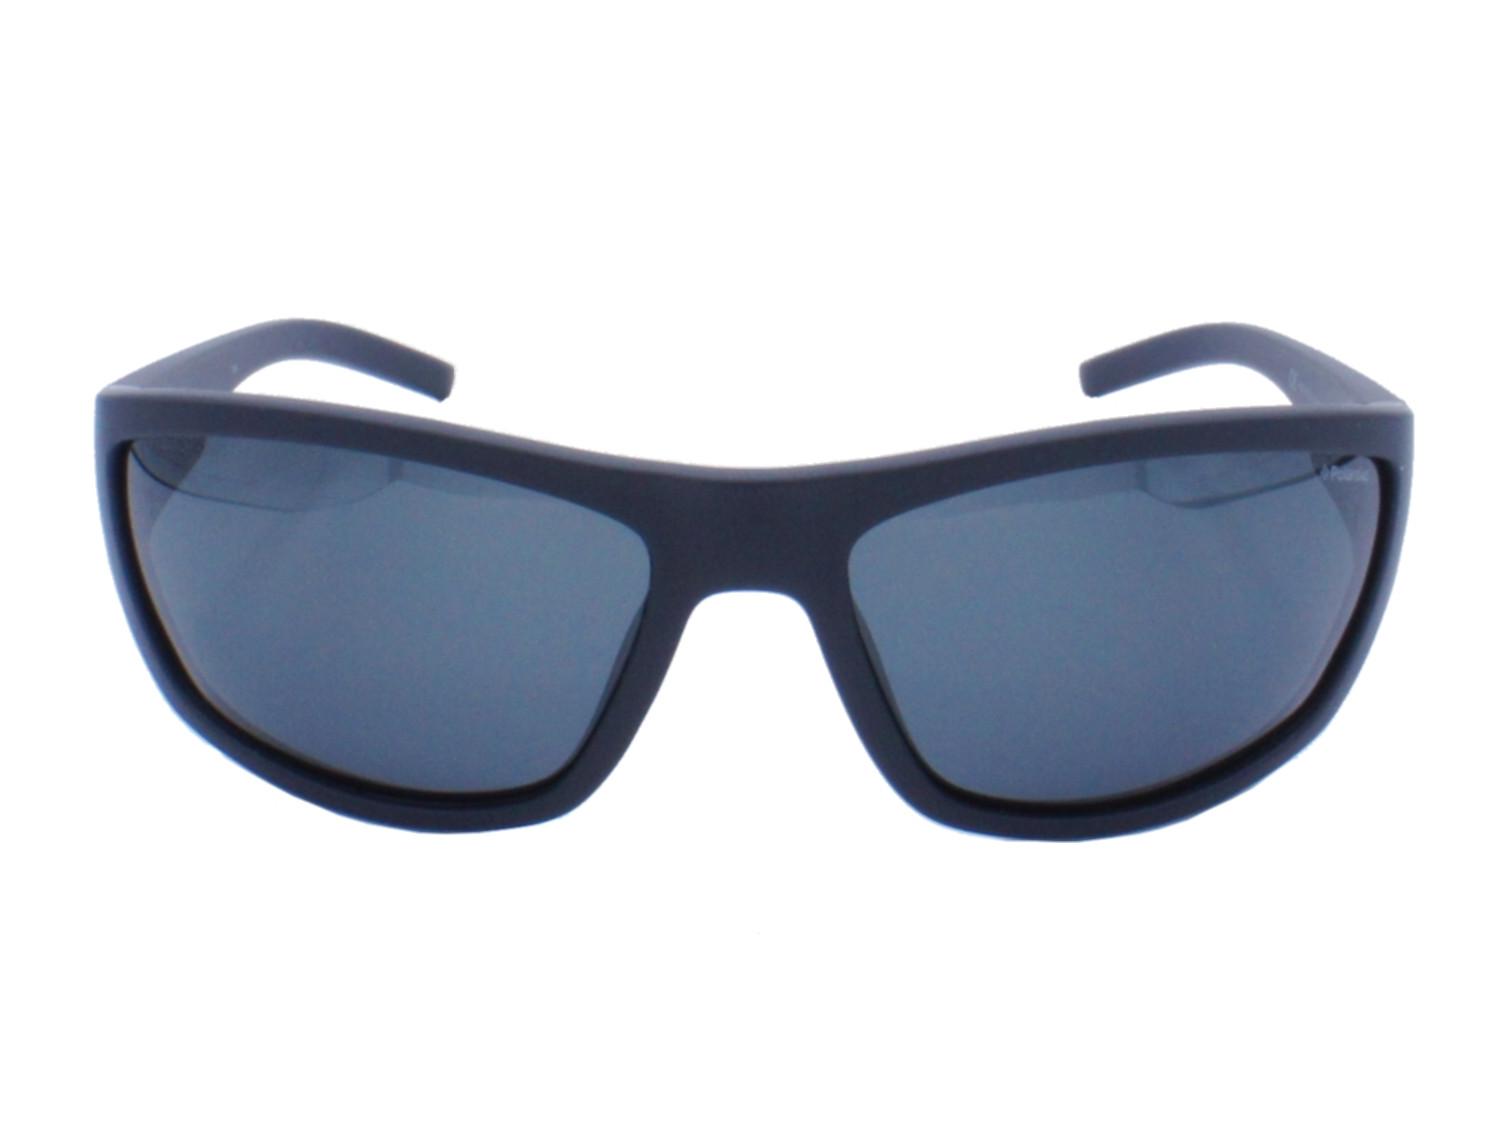 Lunettes de soleil pour homme POLAROID Noir Mat PLD 7007 S DL5 63 17.   Couleurs. Bleu 4fa4b29dd035